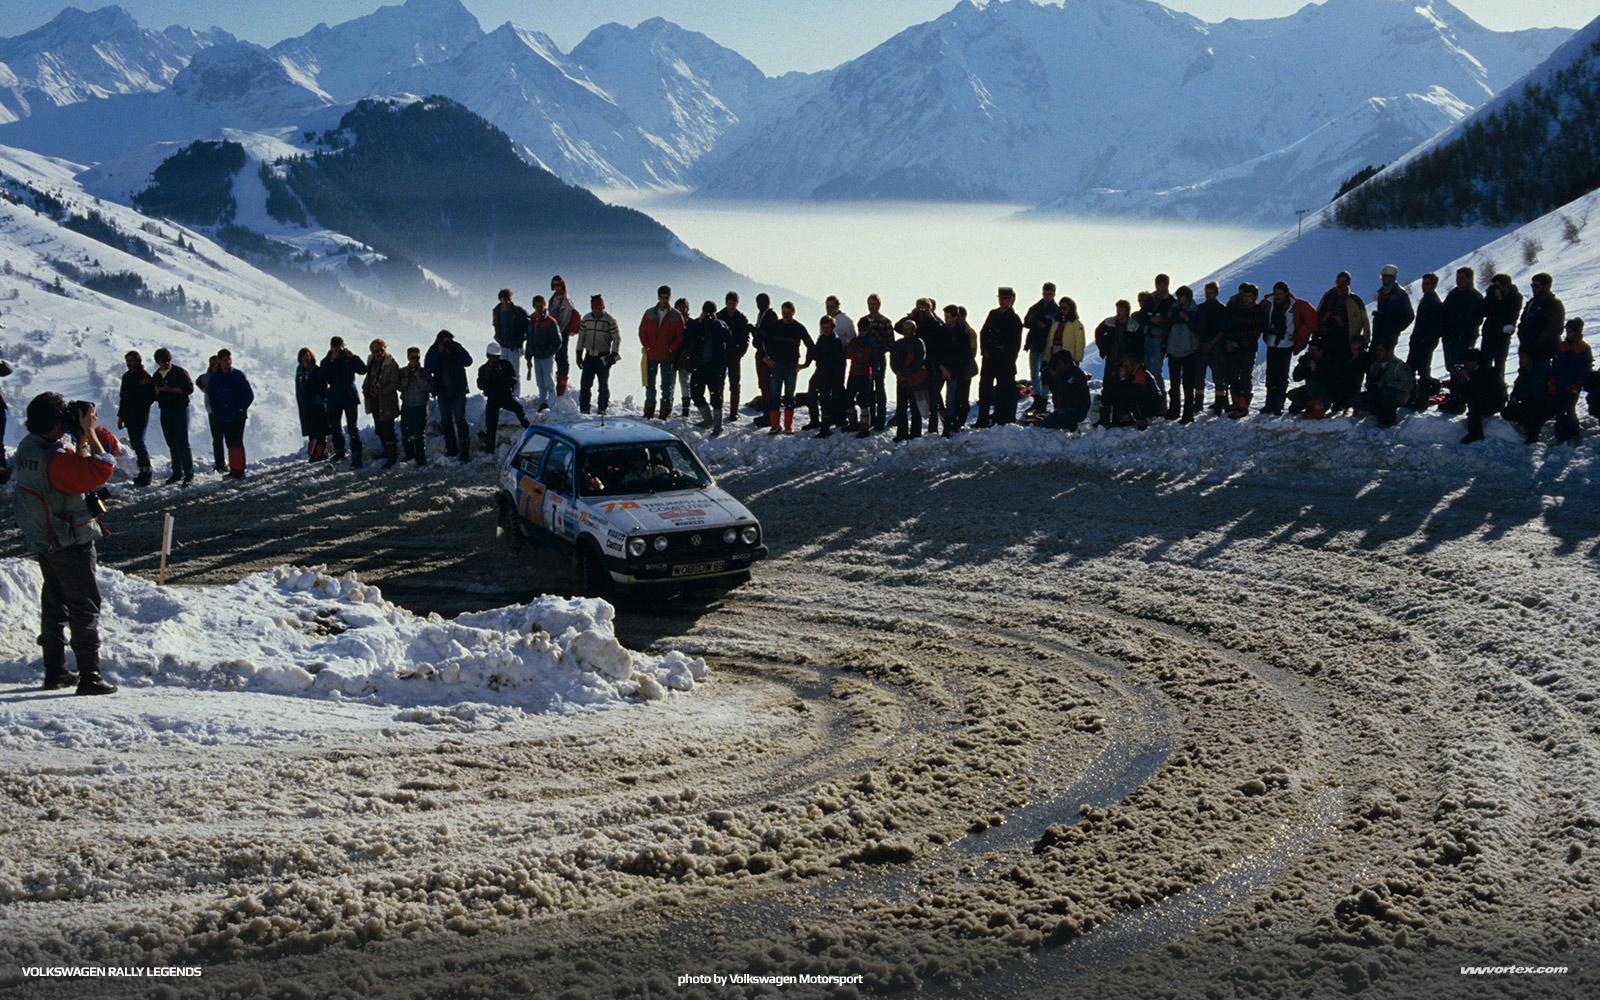 volkswagen-rally-legends-375